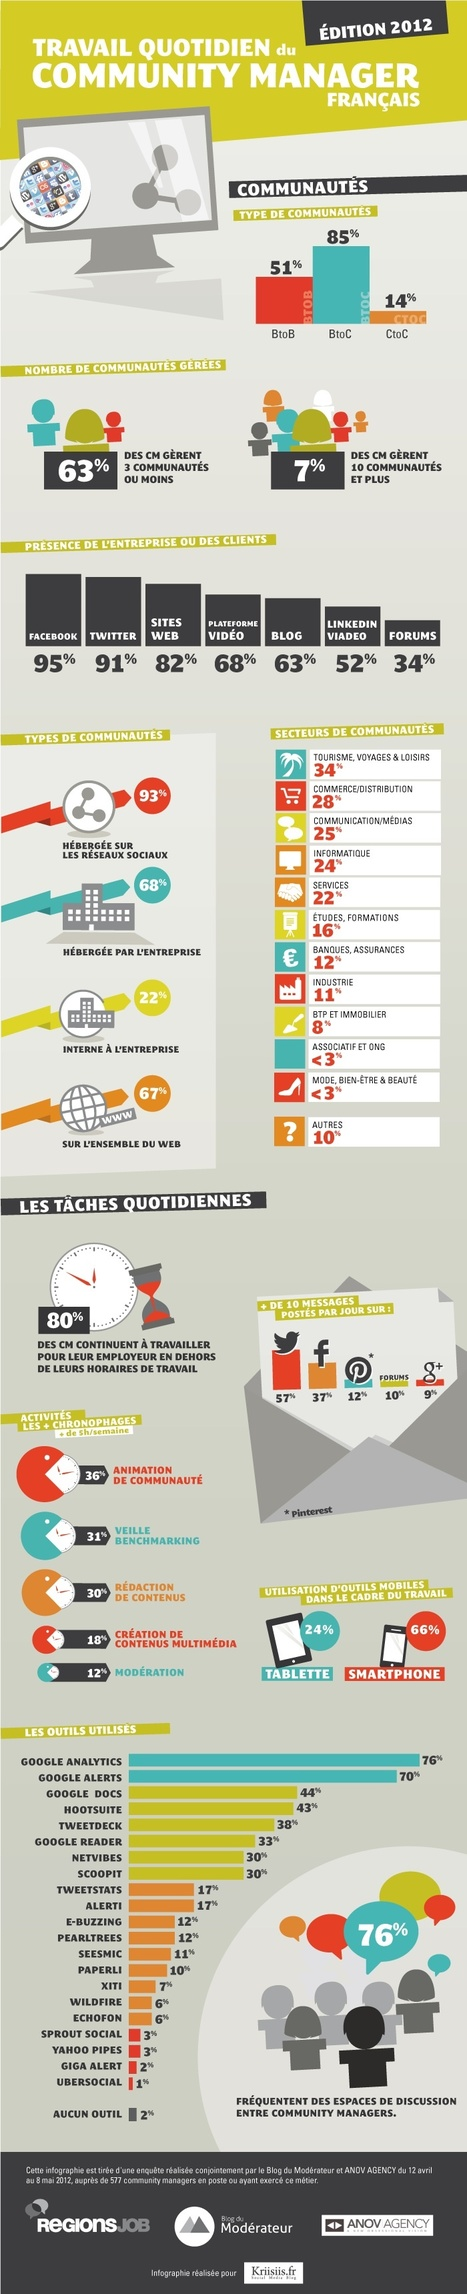 Le travail quotidien du Community Manager français | Forumactif | Scoop.it